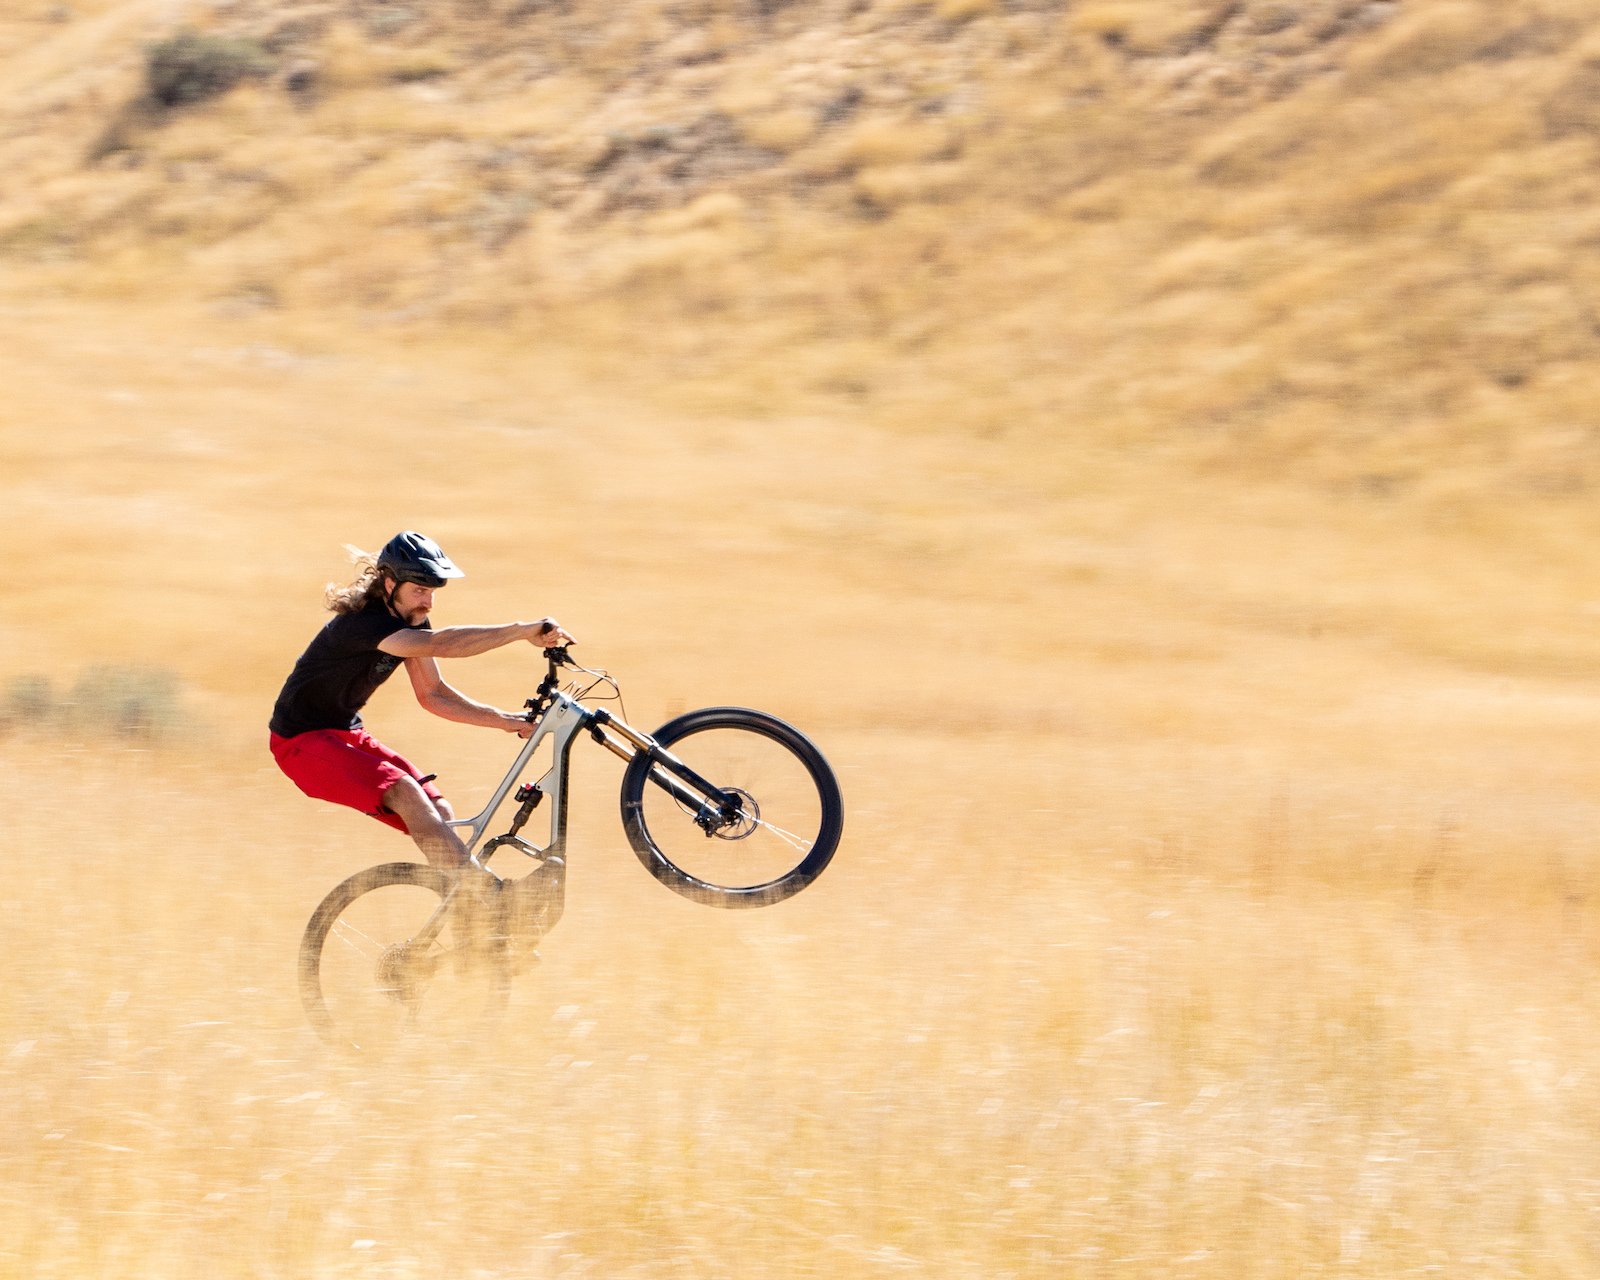 bigshipmediahouse - James Perri Salt Lake City Utah. Photo Eric Cook